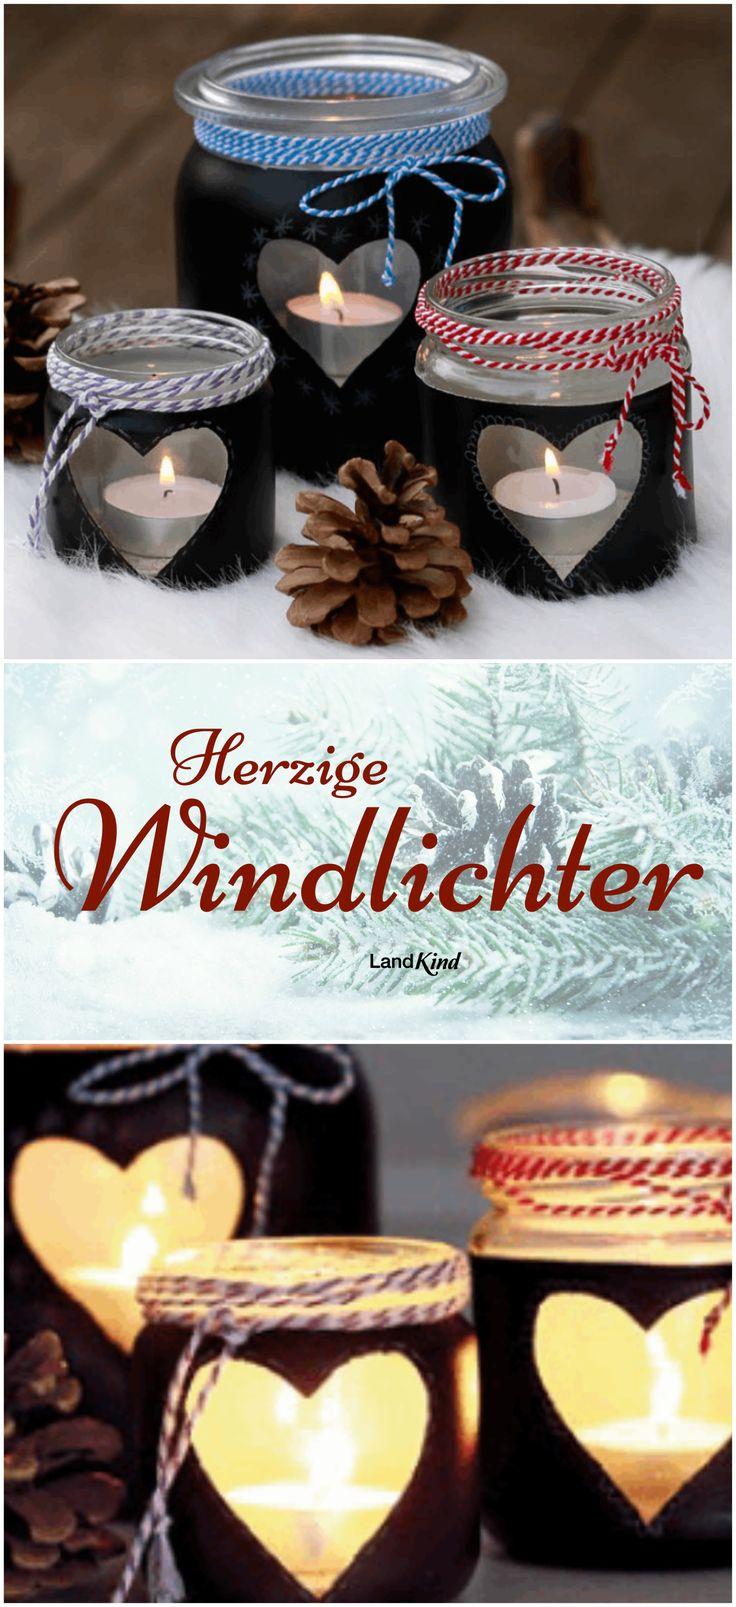 Mit Tafellack werden aus alten Marmeladengläsern liebliche Windlichter, die man sogar bemalen kann. Genau das Richtige für trübe Wintertage.